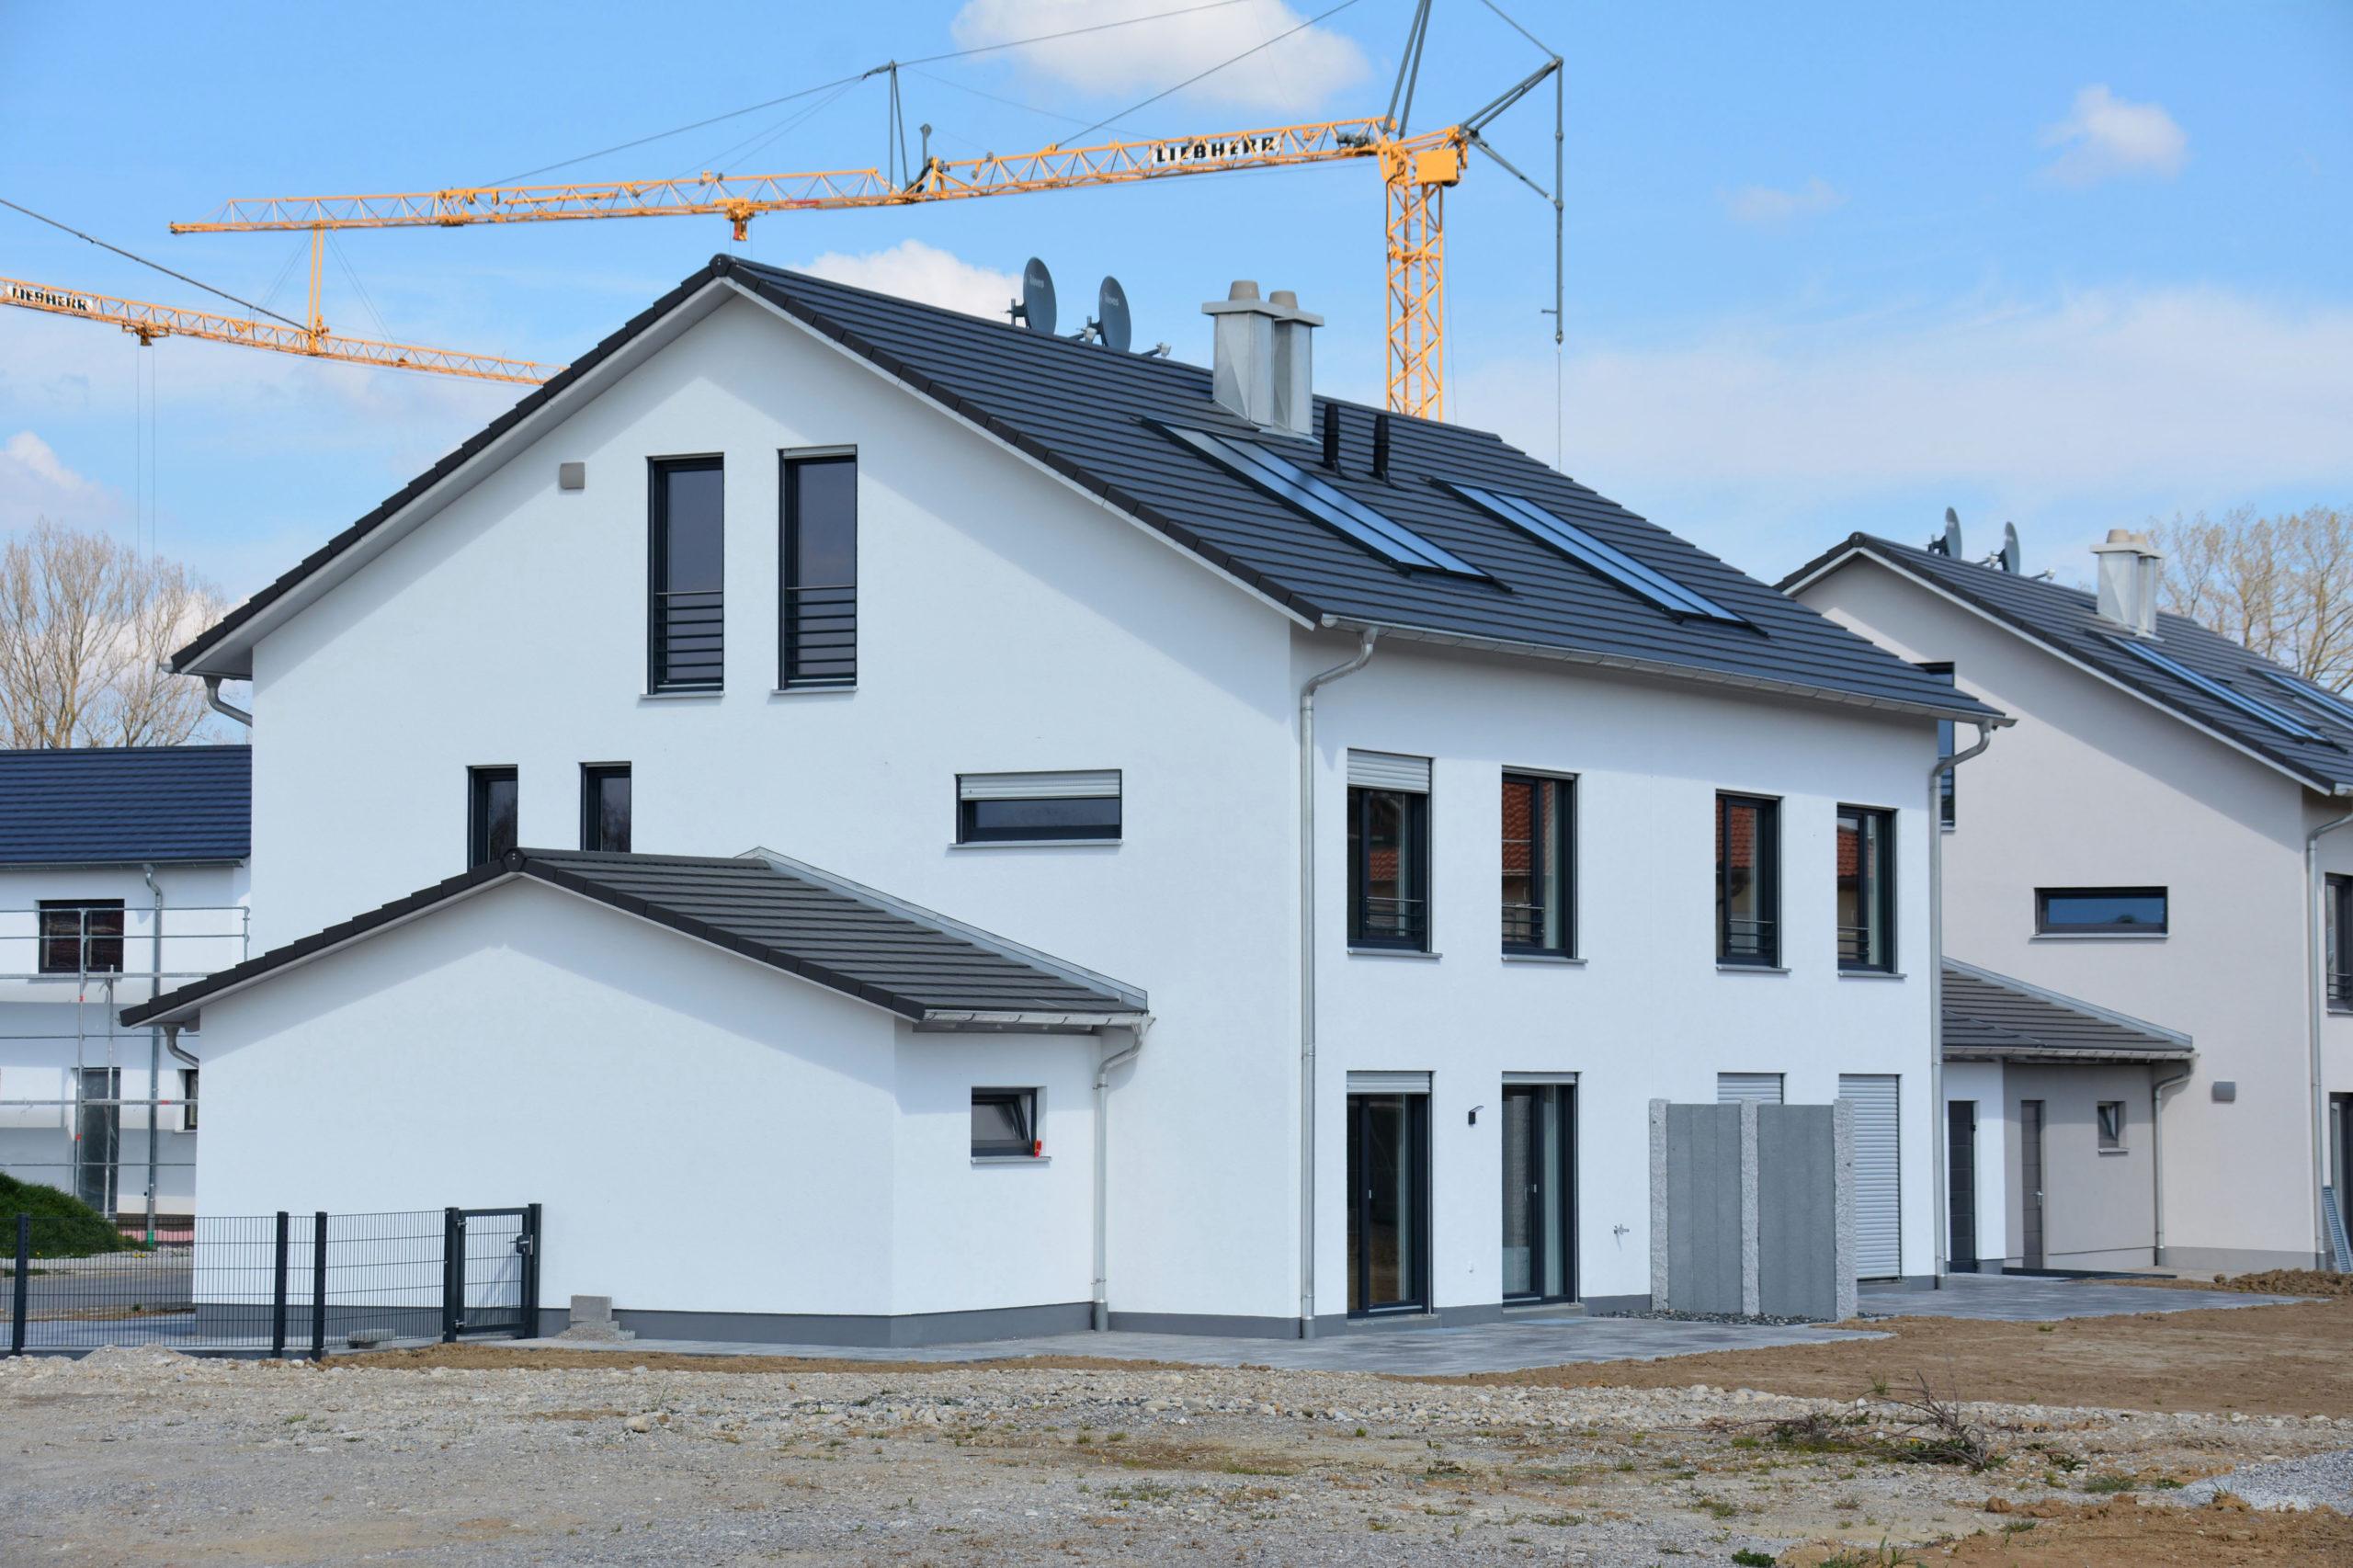 Beim Bauen das Gebäudeenergiegesetz beachten